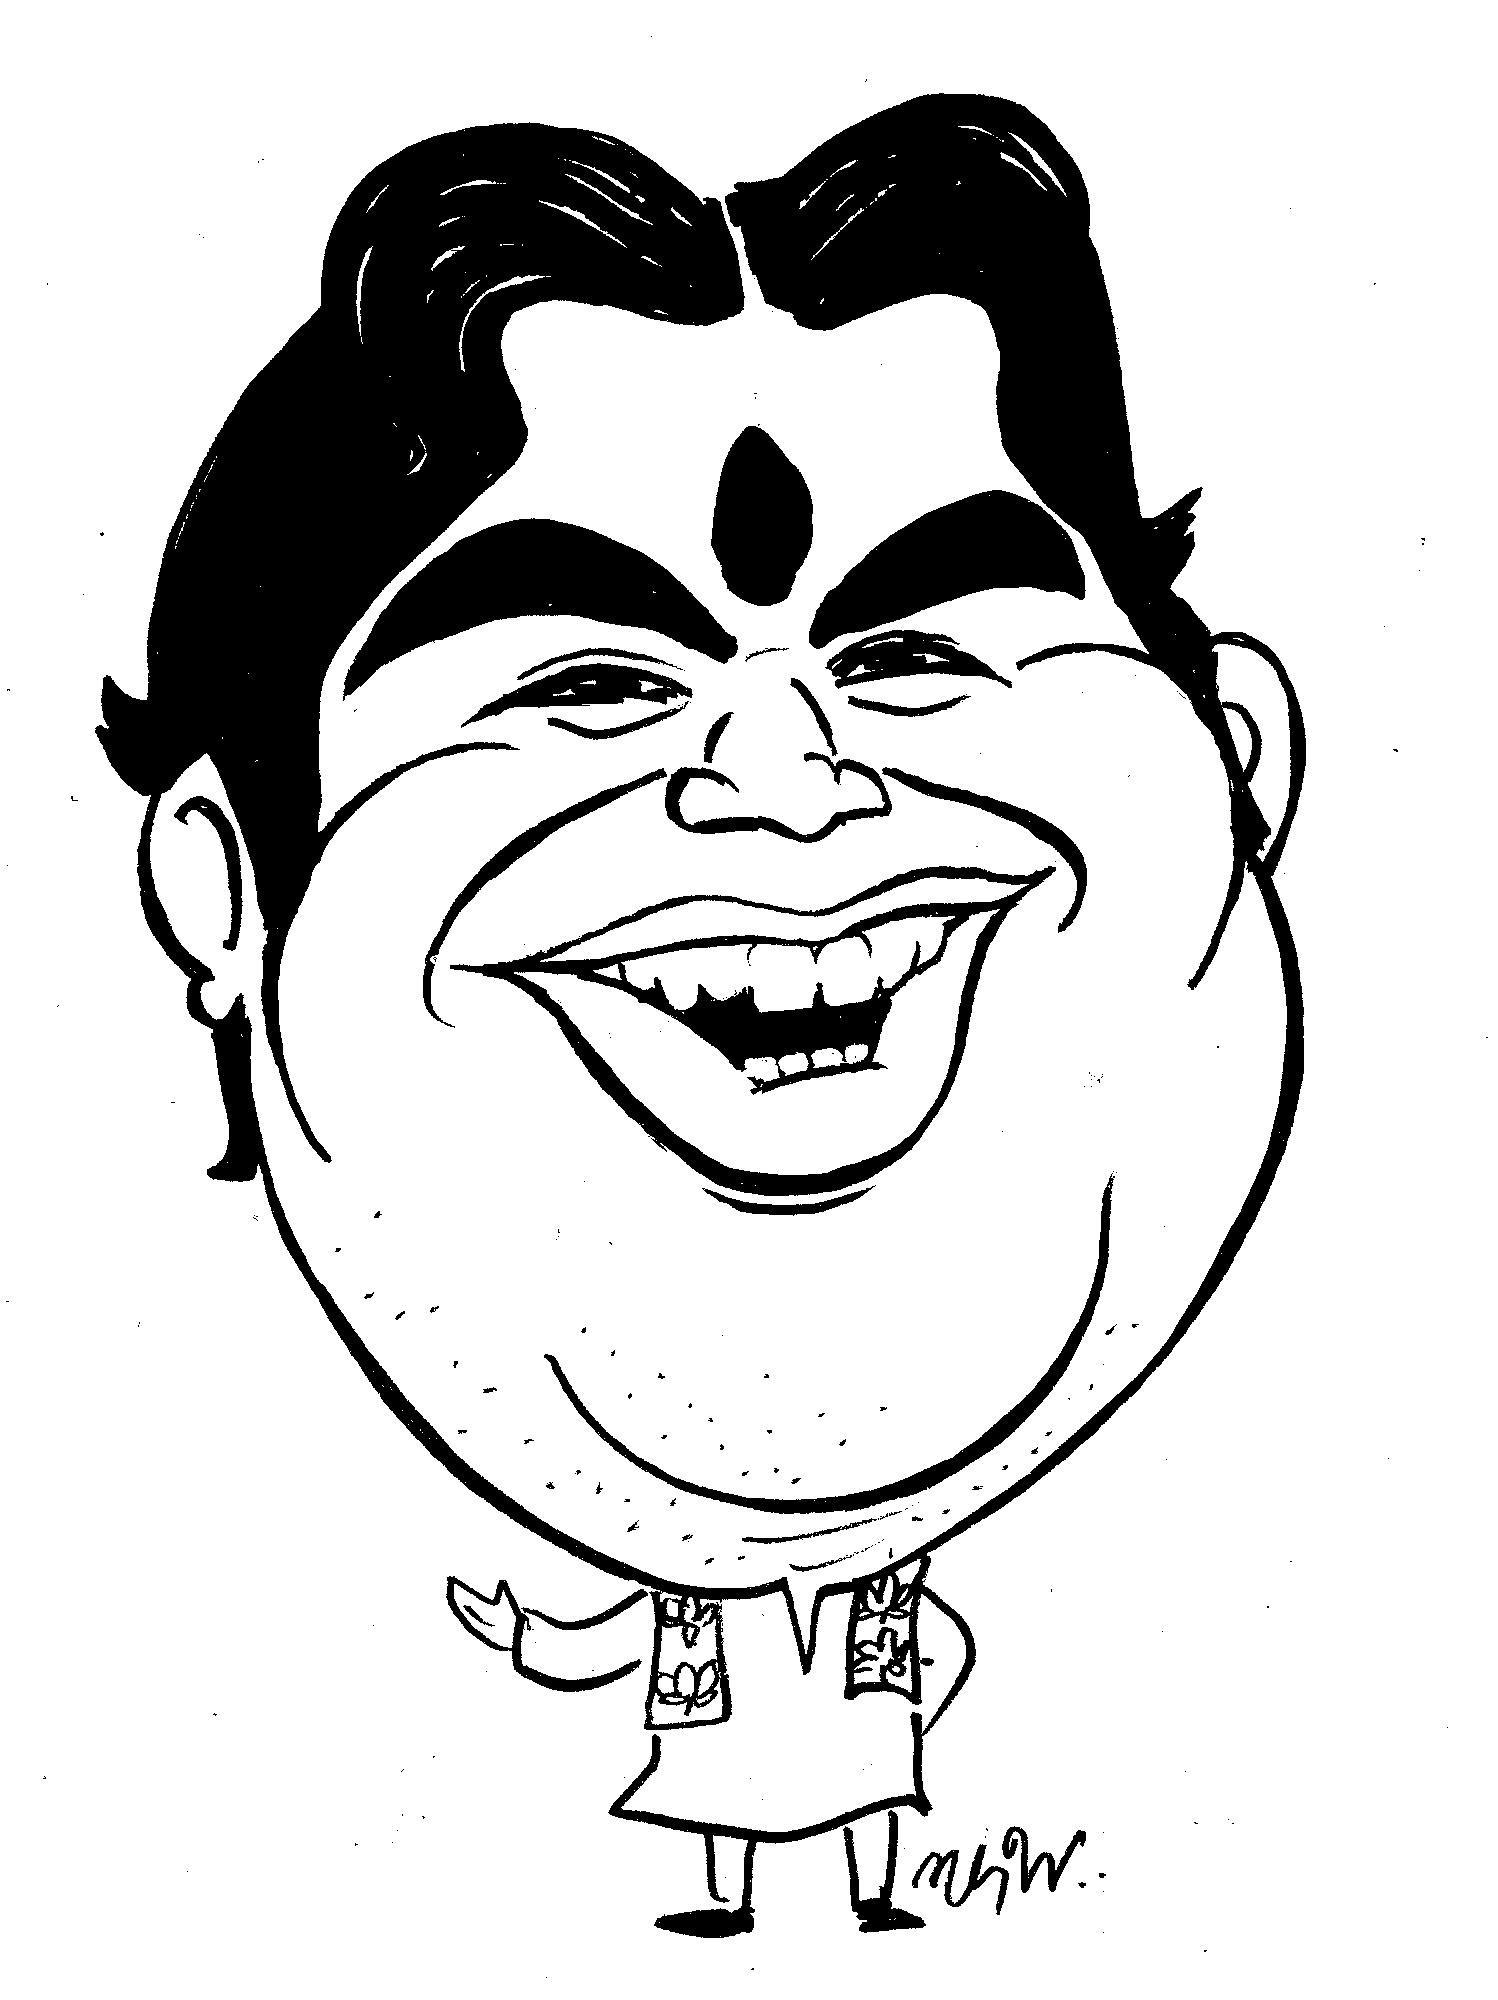 ഹണി ട്രാപ്പ് ഗന്ധി